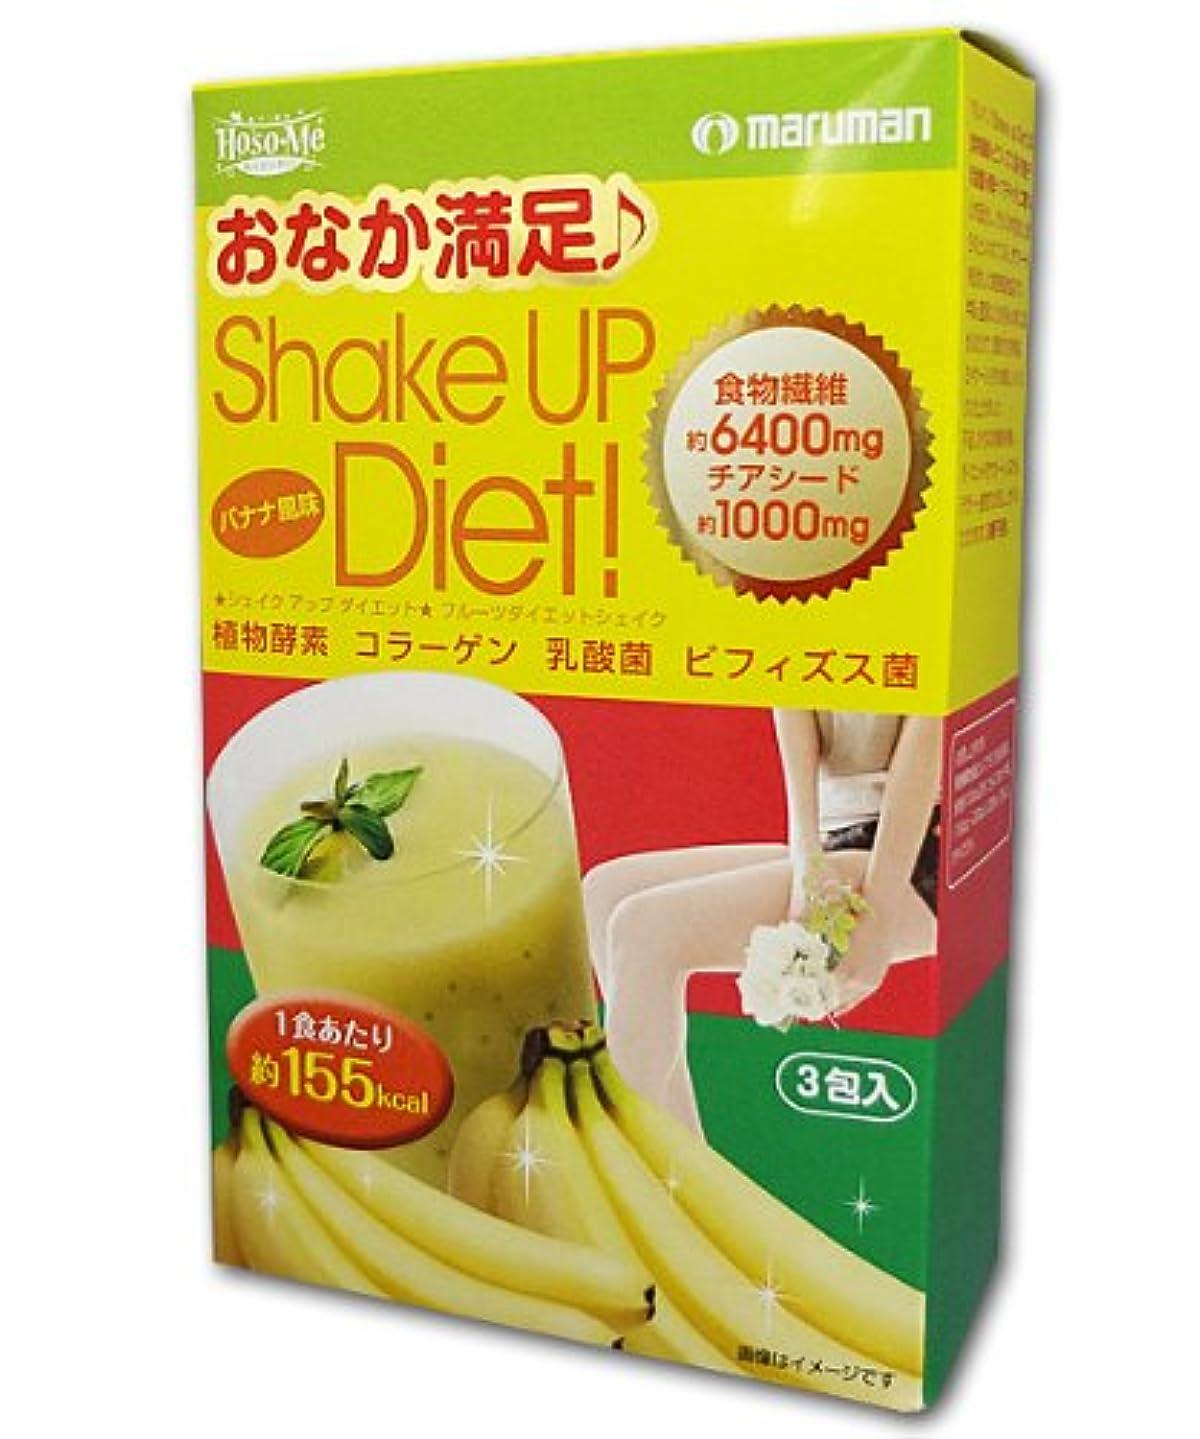 線形金貸し可能性マルマン シェイクアップダイエット バナナ風味 3包入